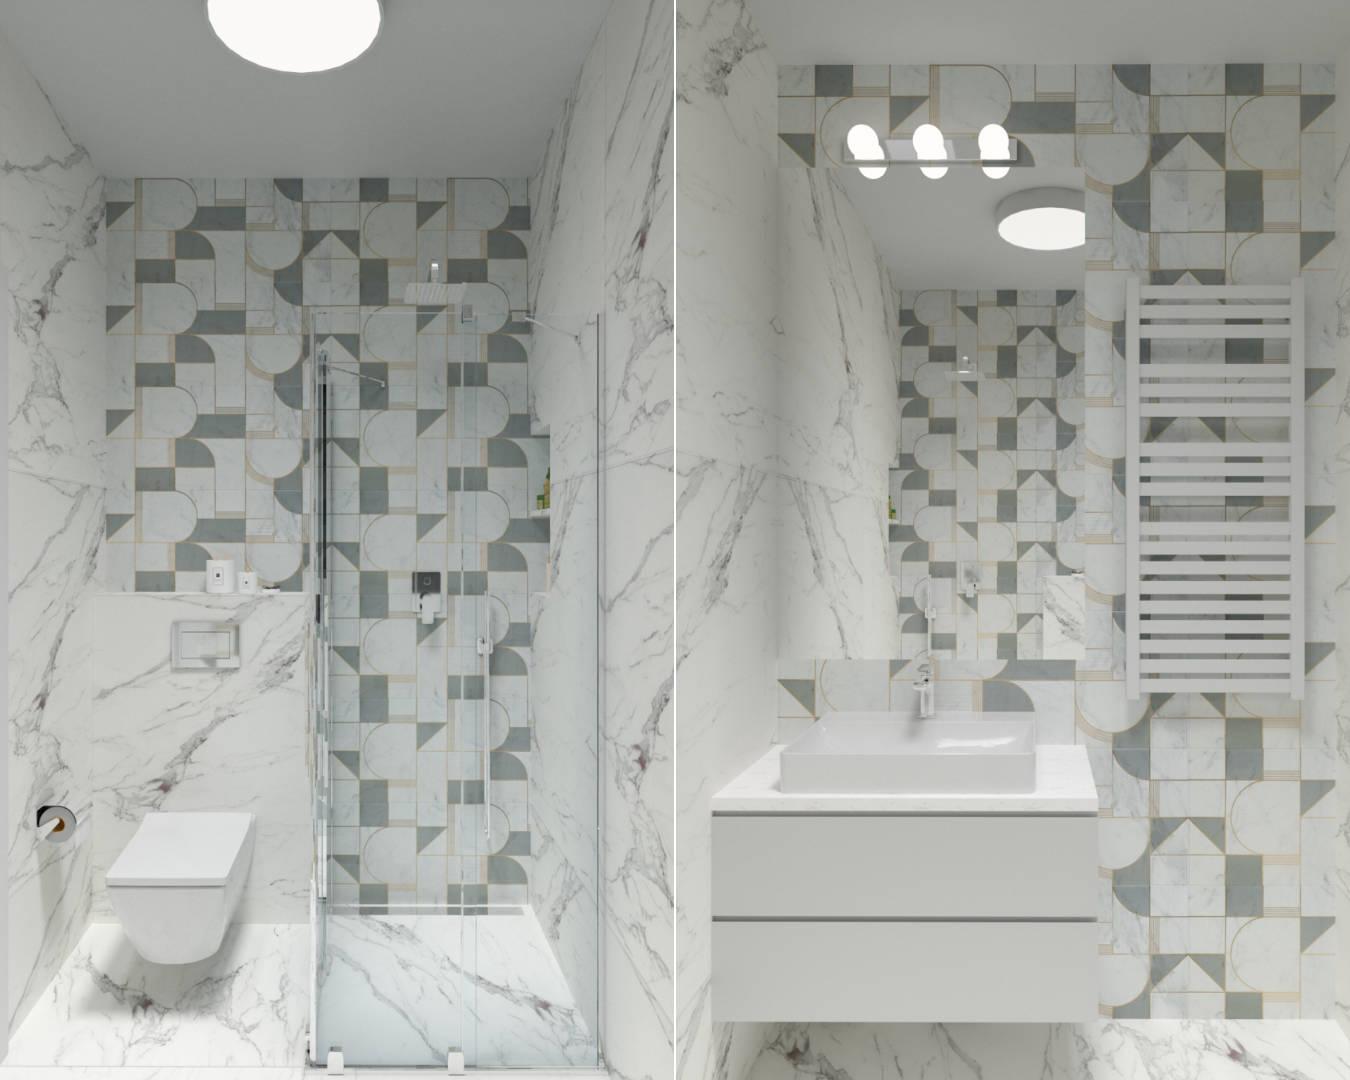 wizualizacja-wnętrza-malwina-wójcik-projektowanie-wnętrz